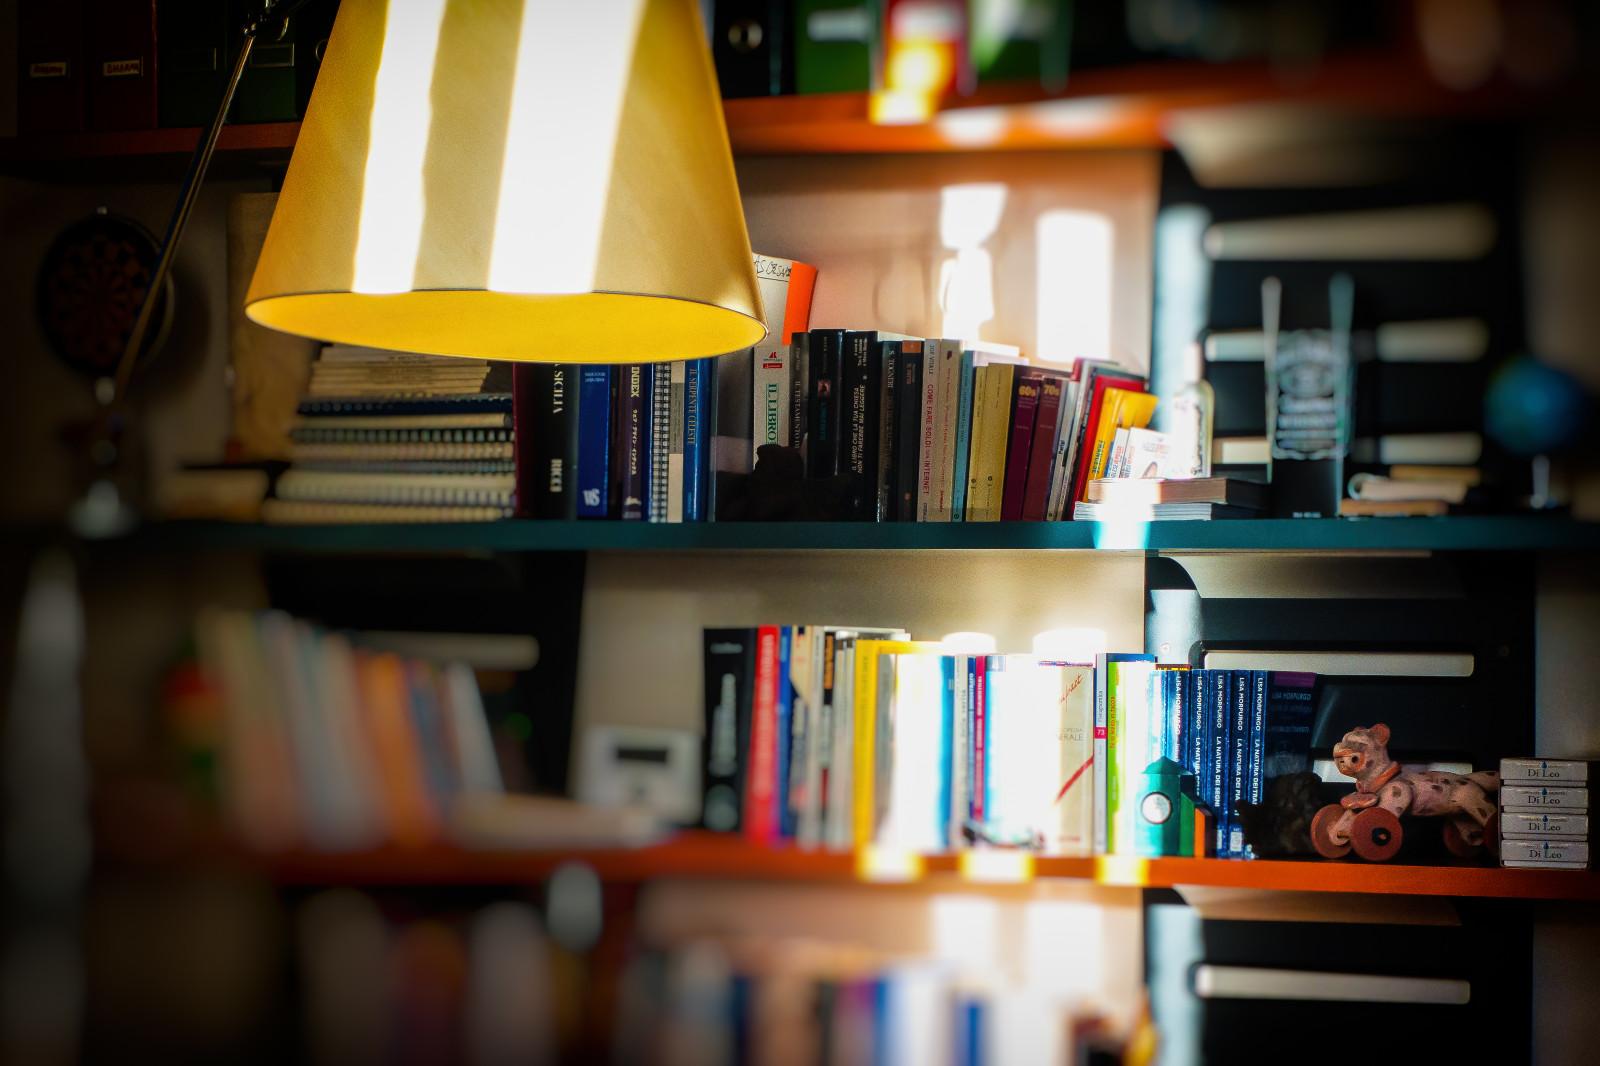 Sfondi Luce Del Sole Tavolo Lampada Sony Mensola Bokeh Sfocato Libro Zeiss Suola Mobilia Libreria Oggetti Gastone Gastonemappini Mappini Istituzione Sfuocato Sonydscrx100mii Dscrx100m2 Scaffalature Raggio Dscrx100mii